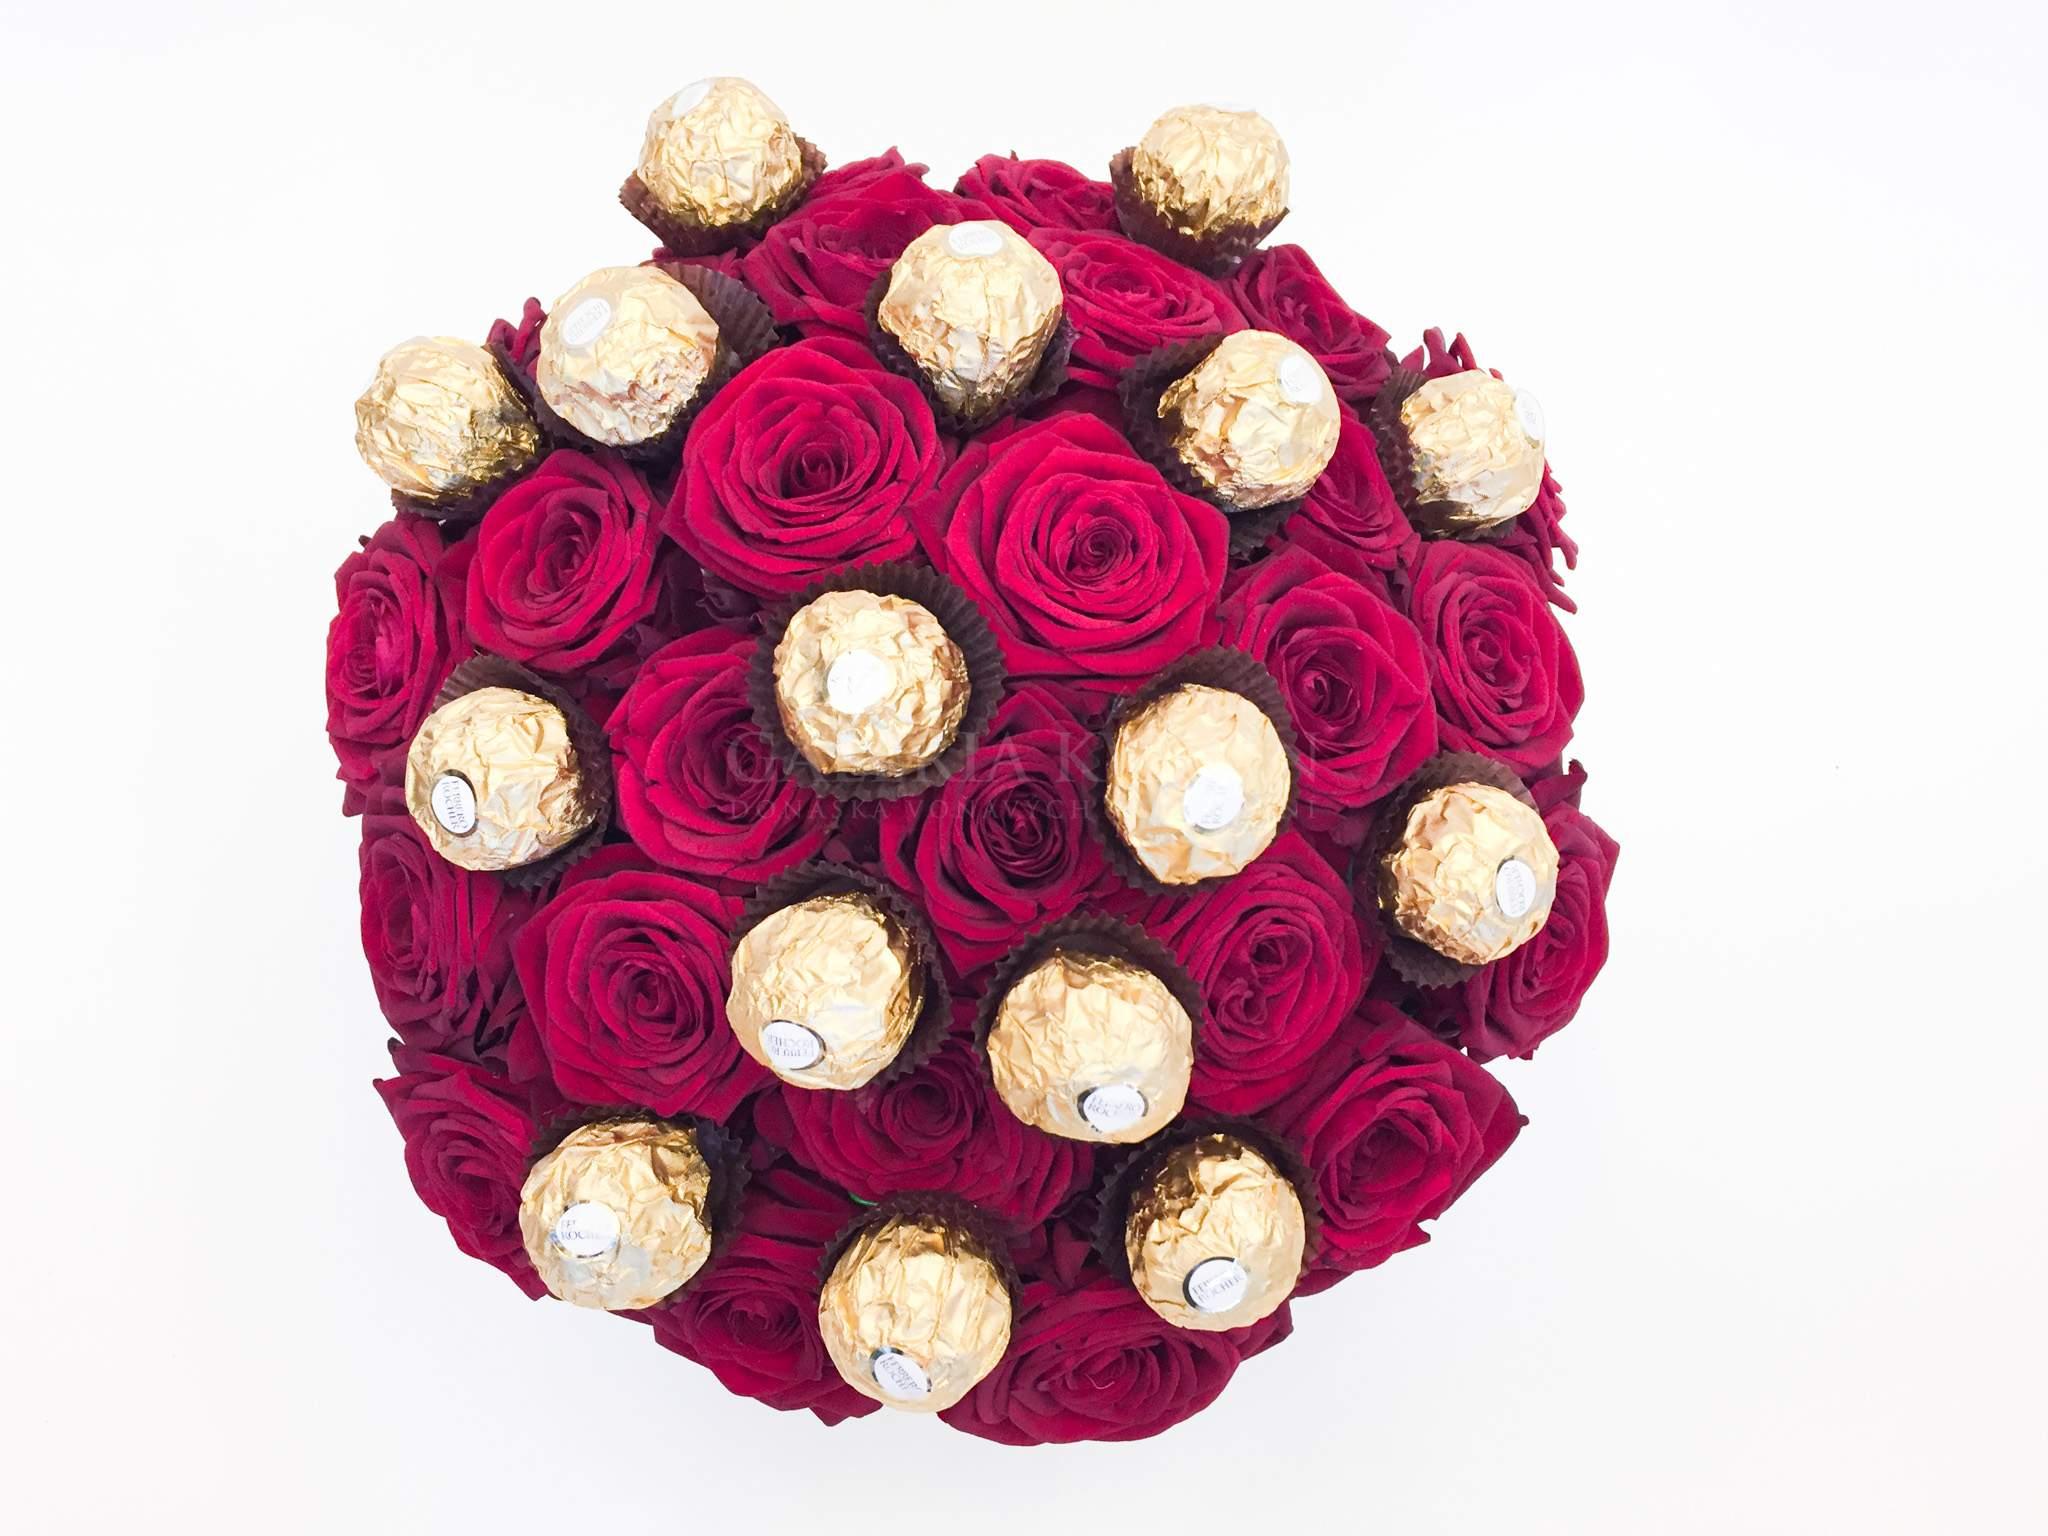 c93482056 Kvetinový box SLADKÉ FERRERO GRAND. Kvetinový box SLADKÉ FERRERO GRAND